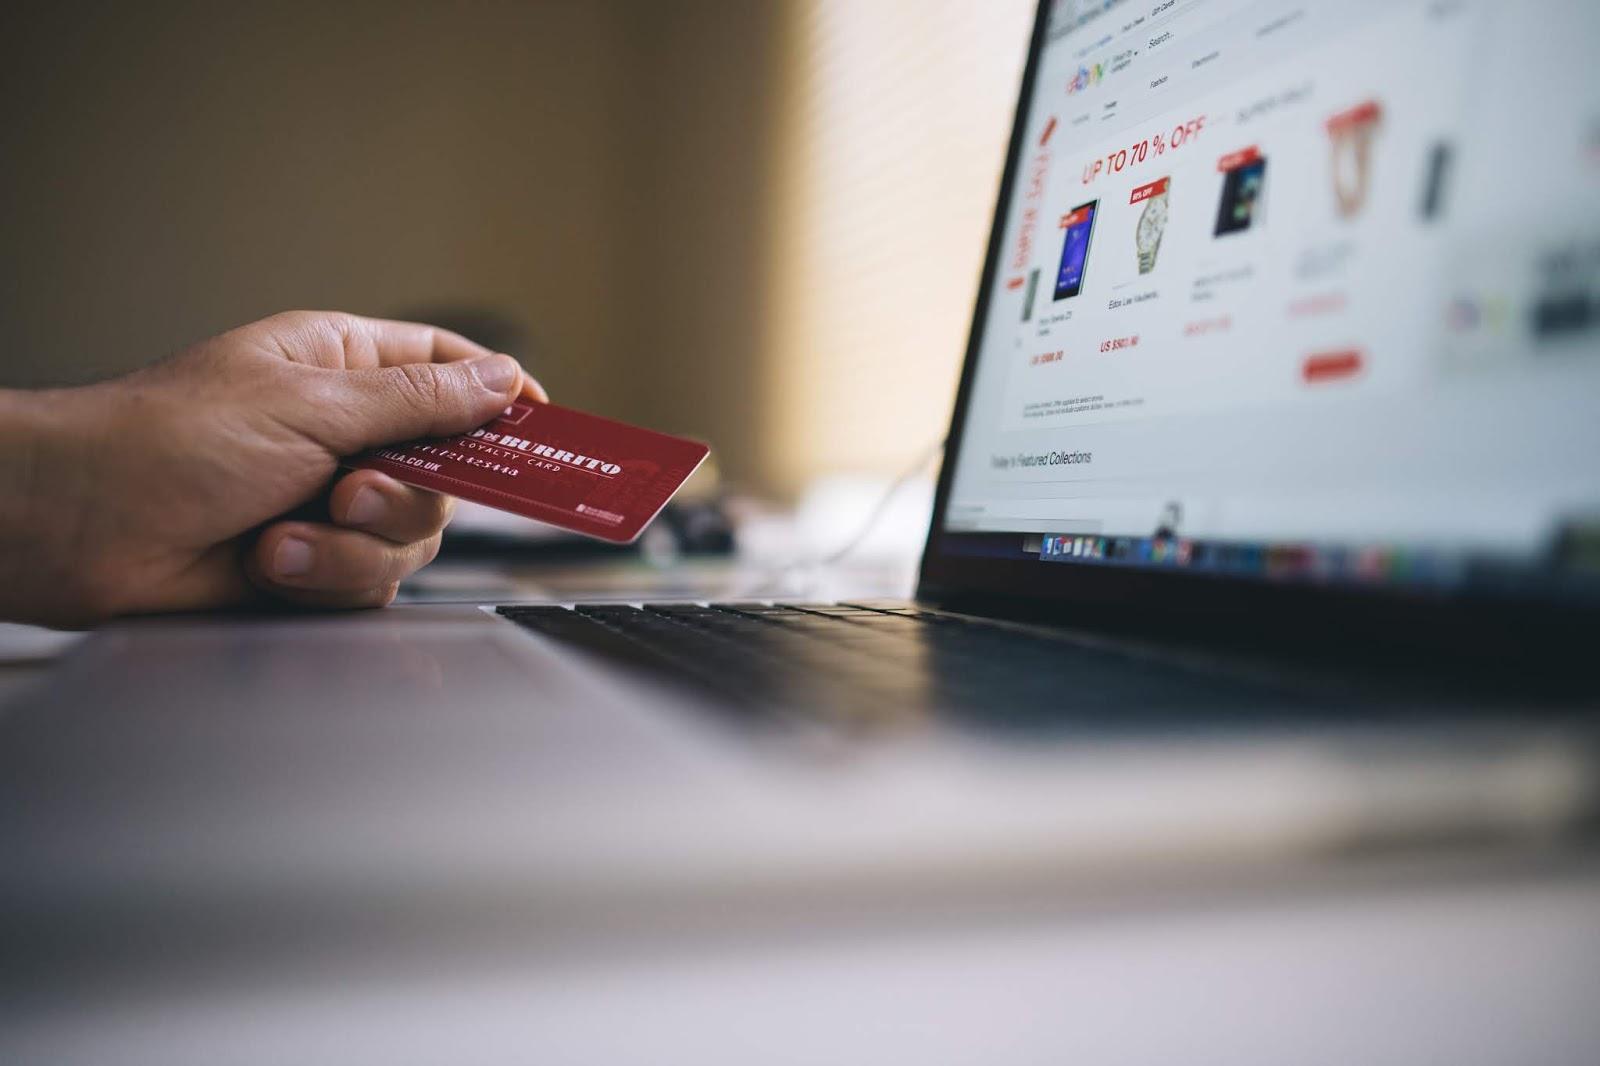 20 legitimate ways to make money online